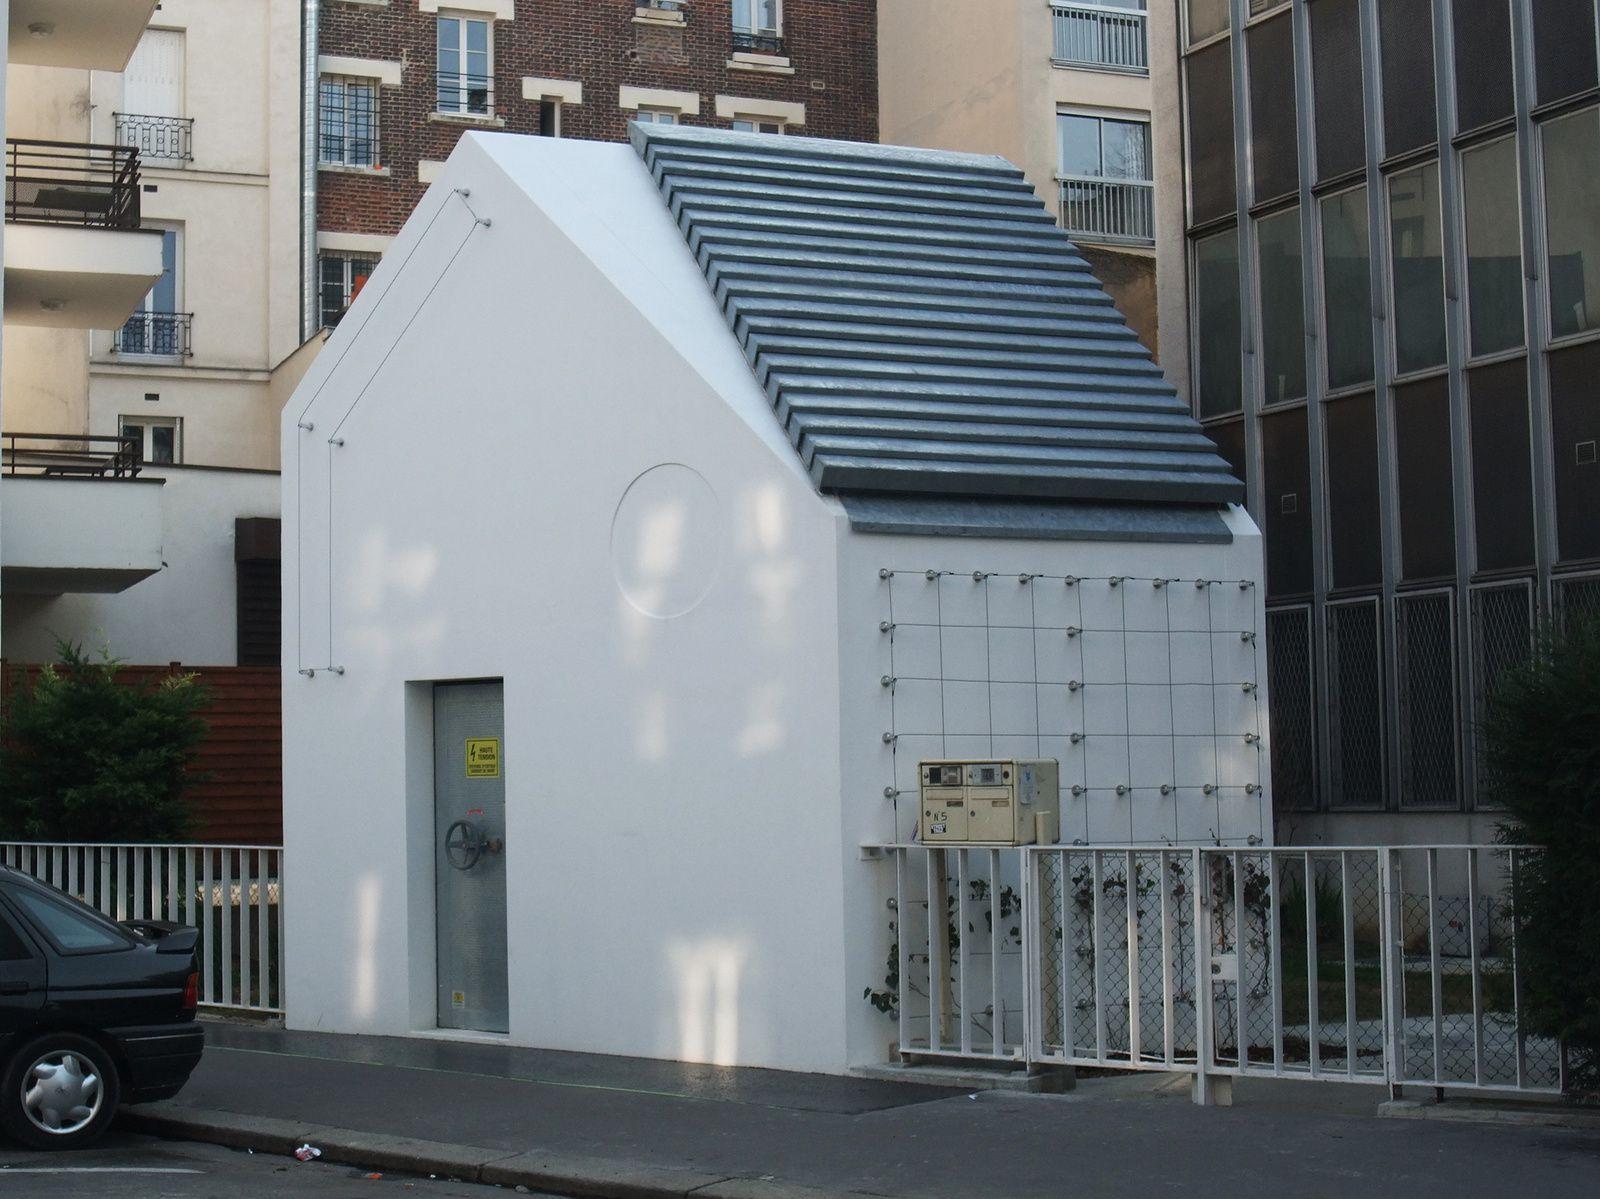 L'Évent* de la rue Castagnary est terminé. L'exemple de l'insertion urbaine d'un ouvrage technique réussie.